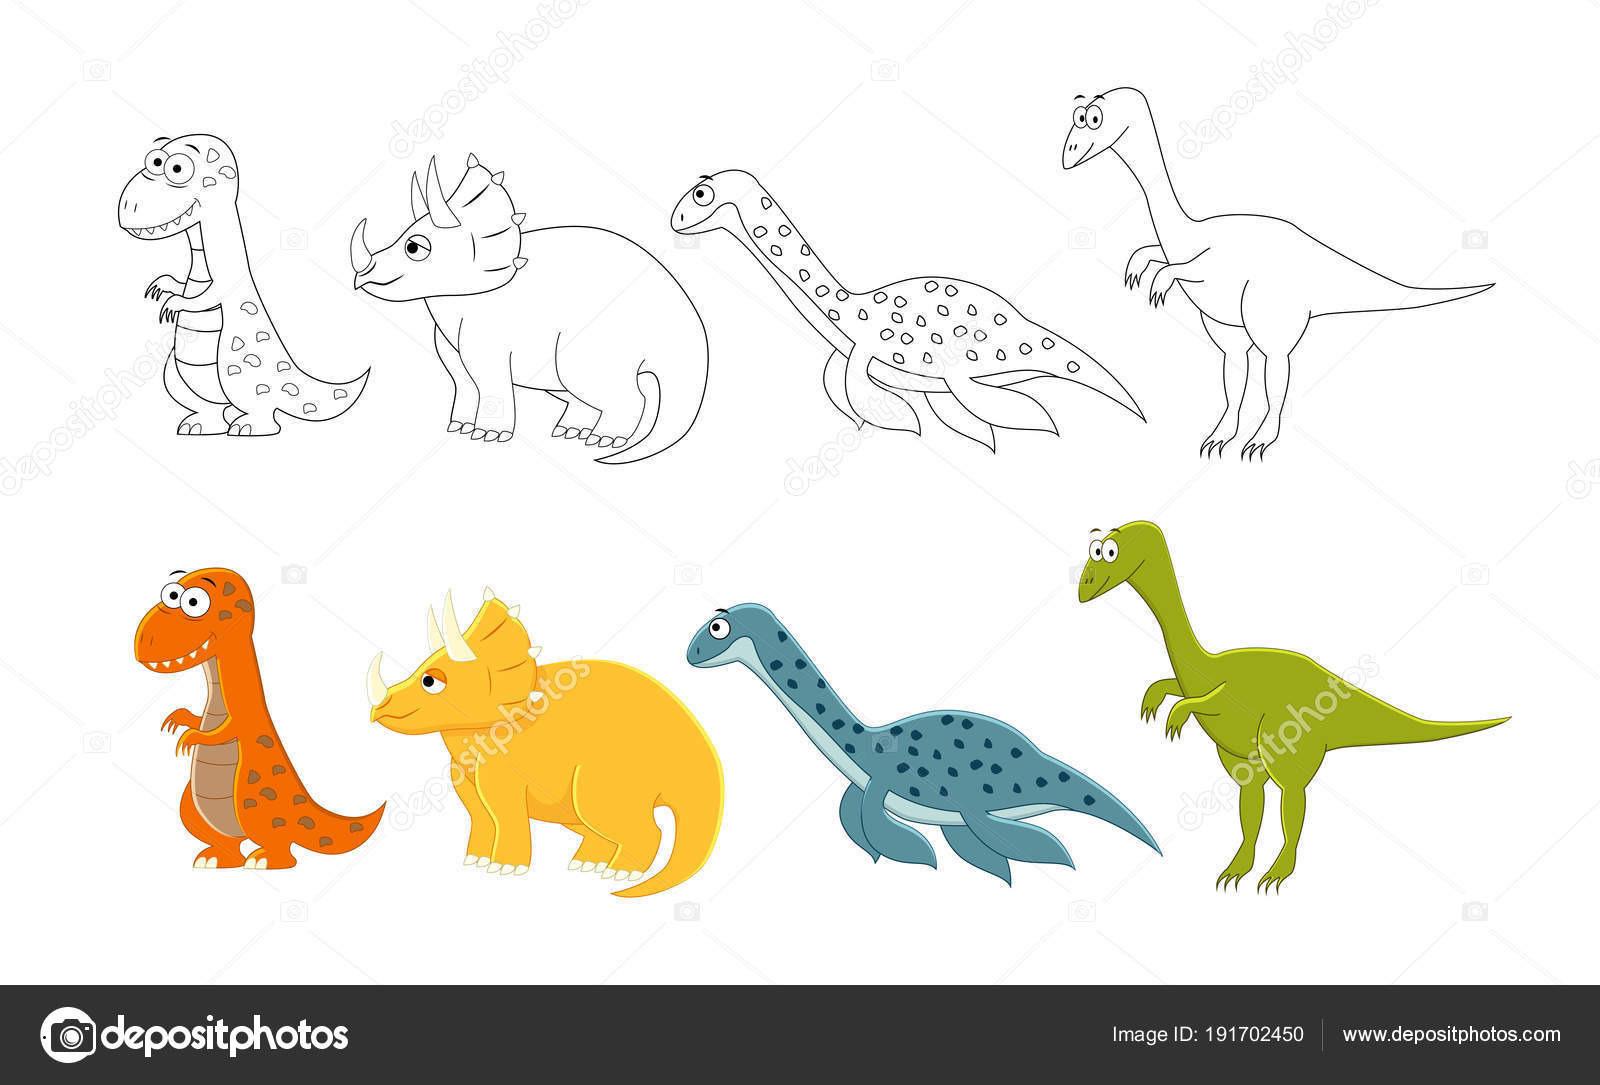 Dinosaurier Ausmalbilder Tyrannosaurus Rex Frisch 44 Idee Ausmalbilder Tyrannosaurus Rex Treehouse Nyc Fotografieren